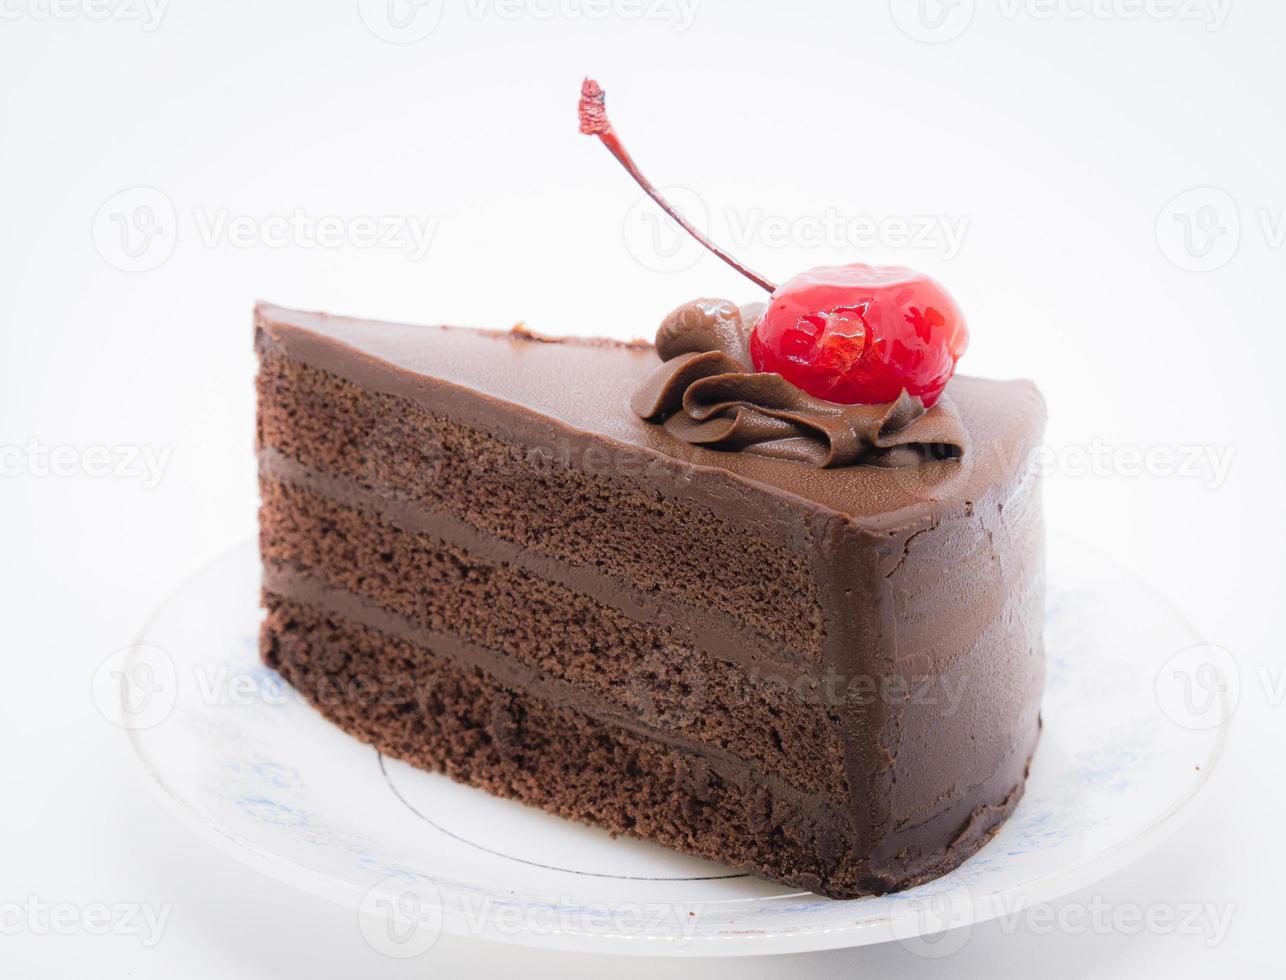 chocalate cake met kers op de top foto